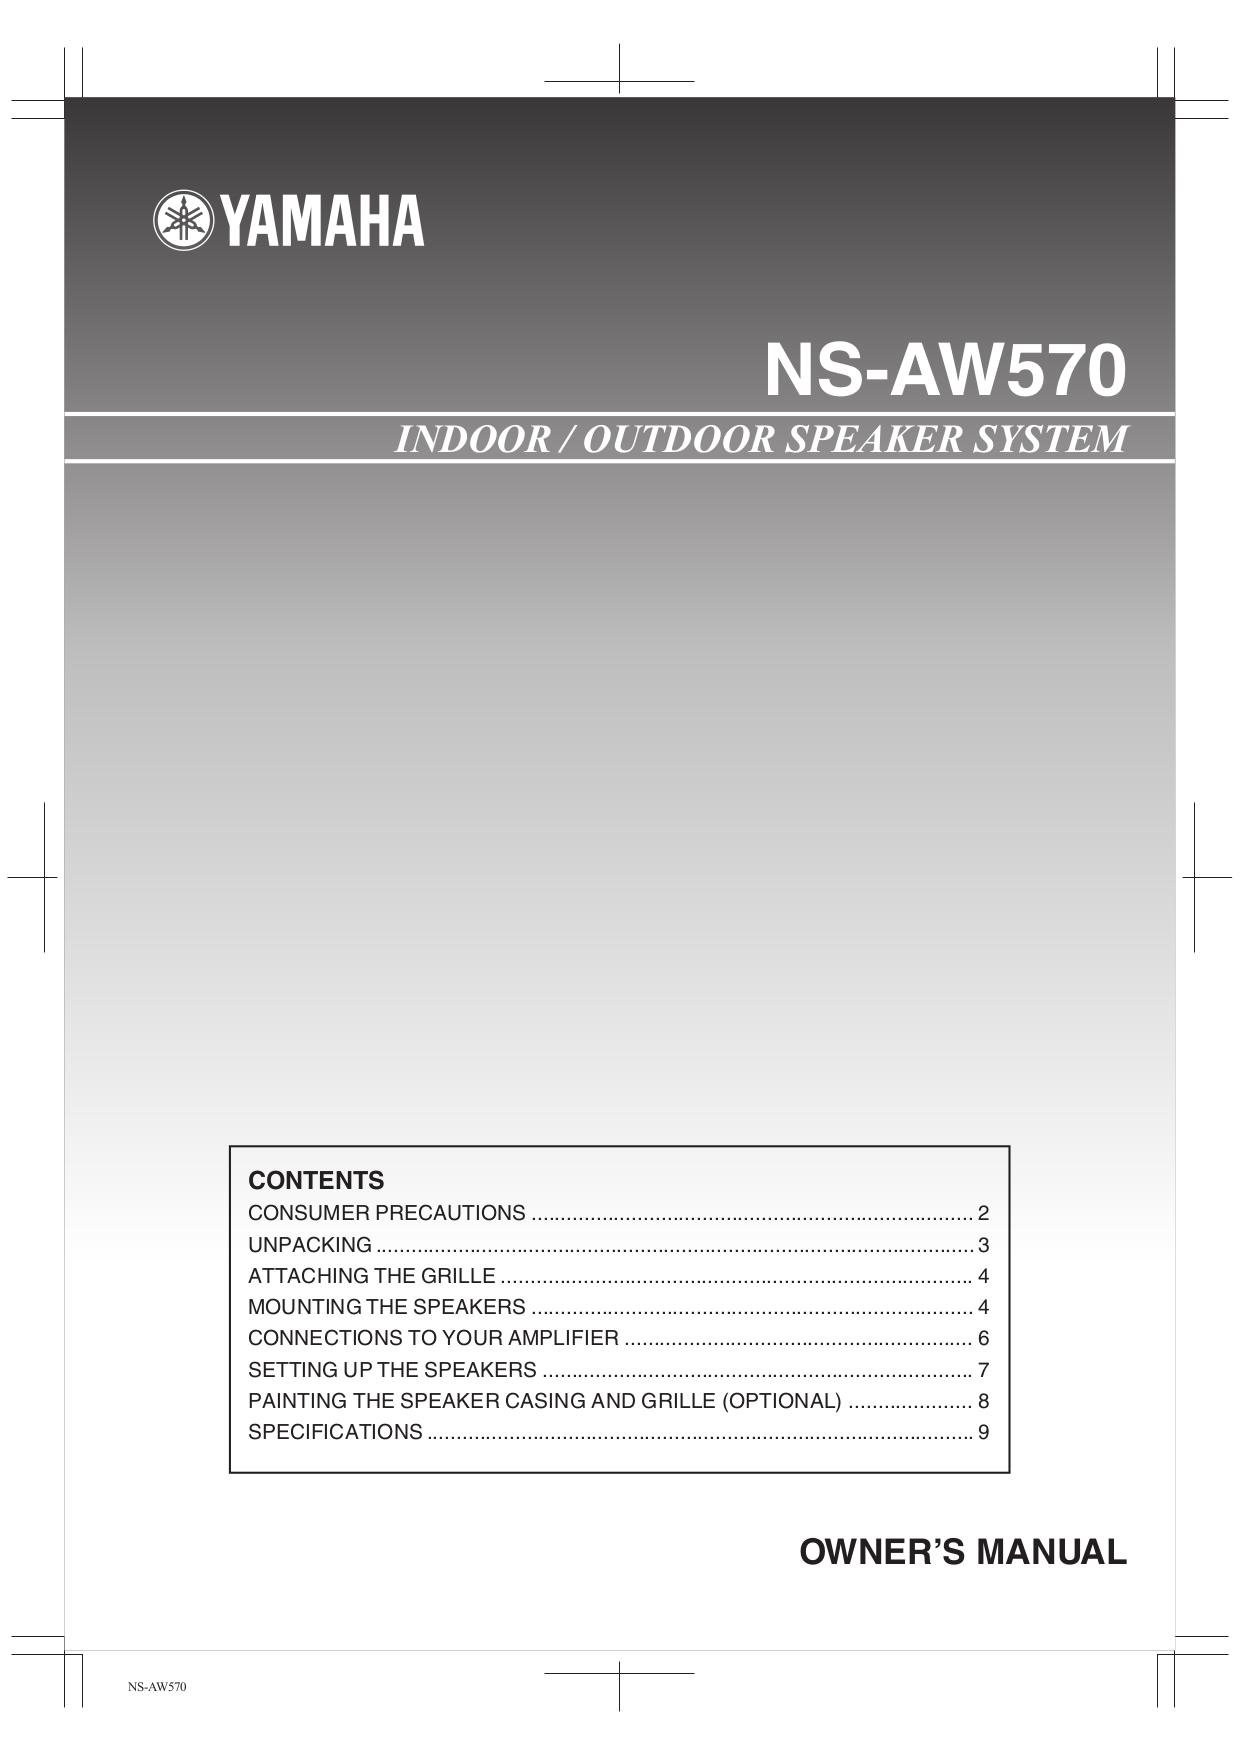 WATERCAD MANUAL PDF DOWNLOAD